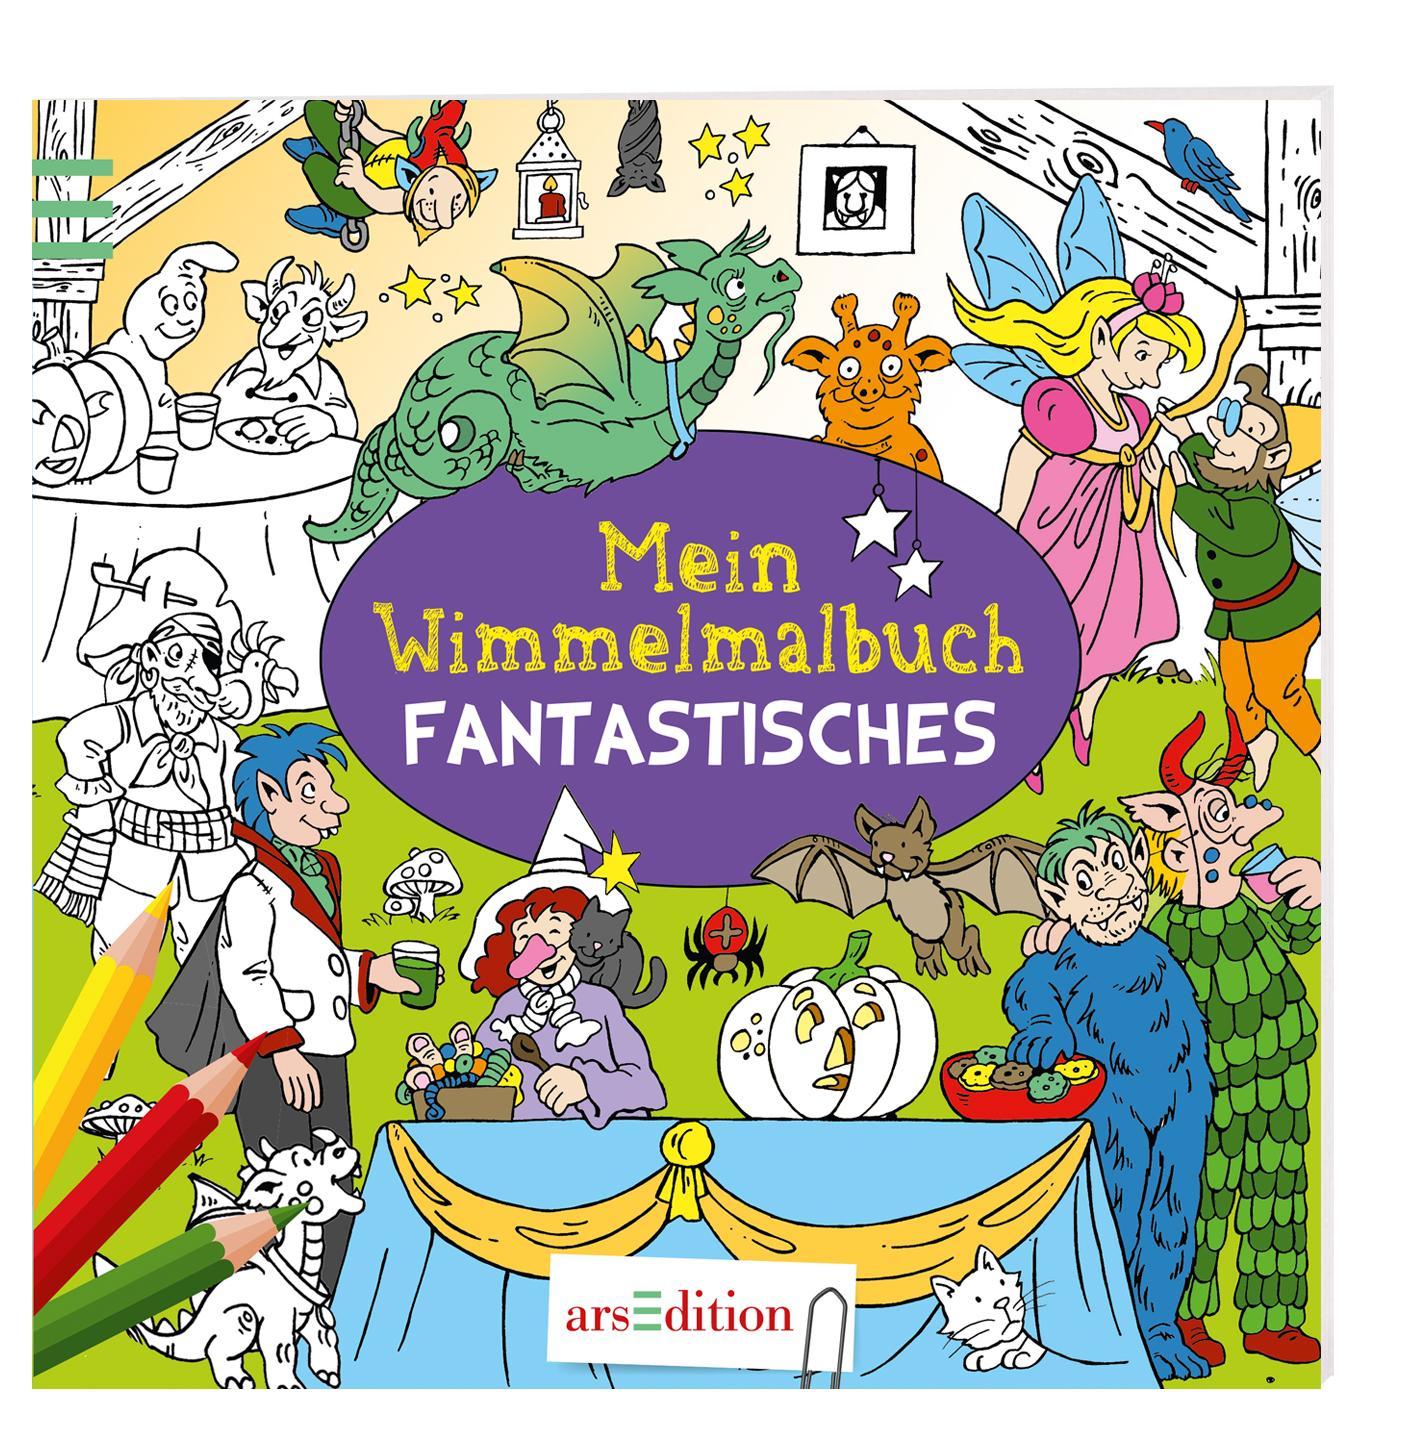 Mein Wimmelmalbuch Fantastisches